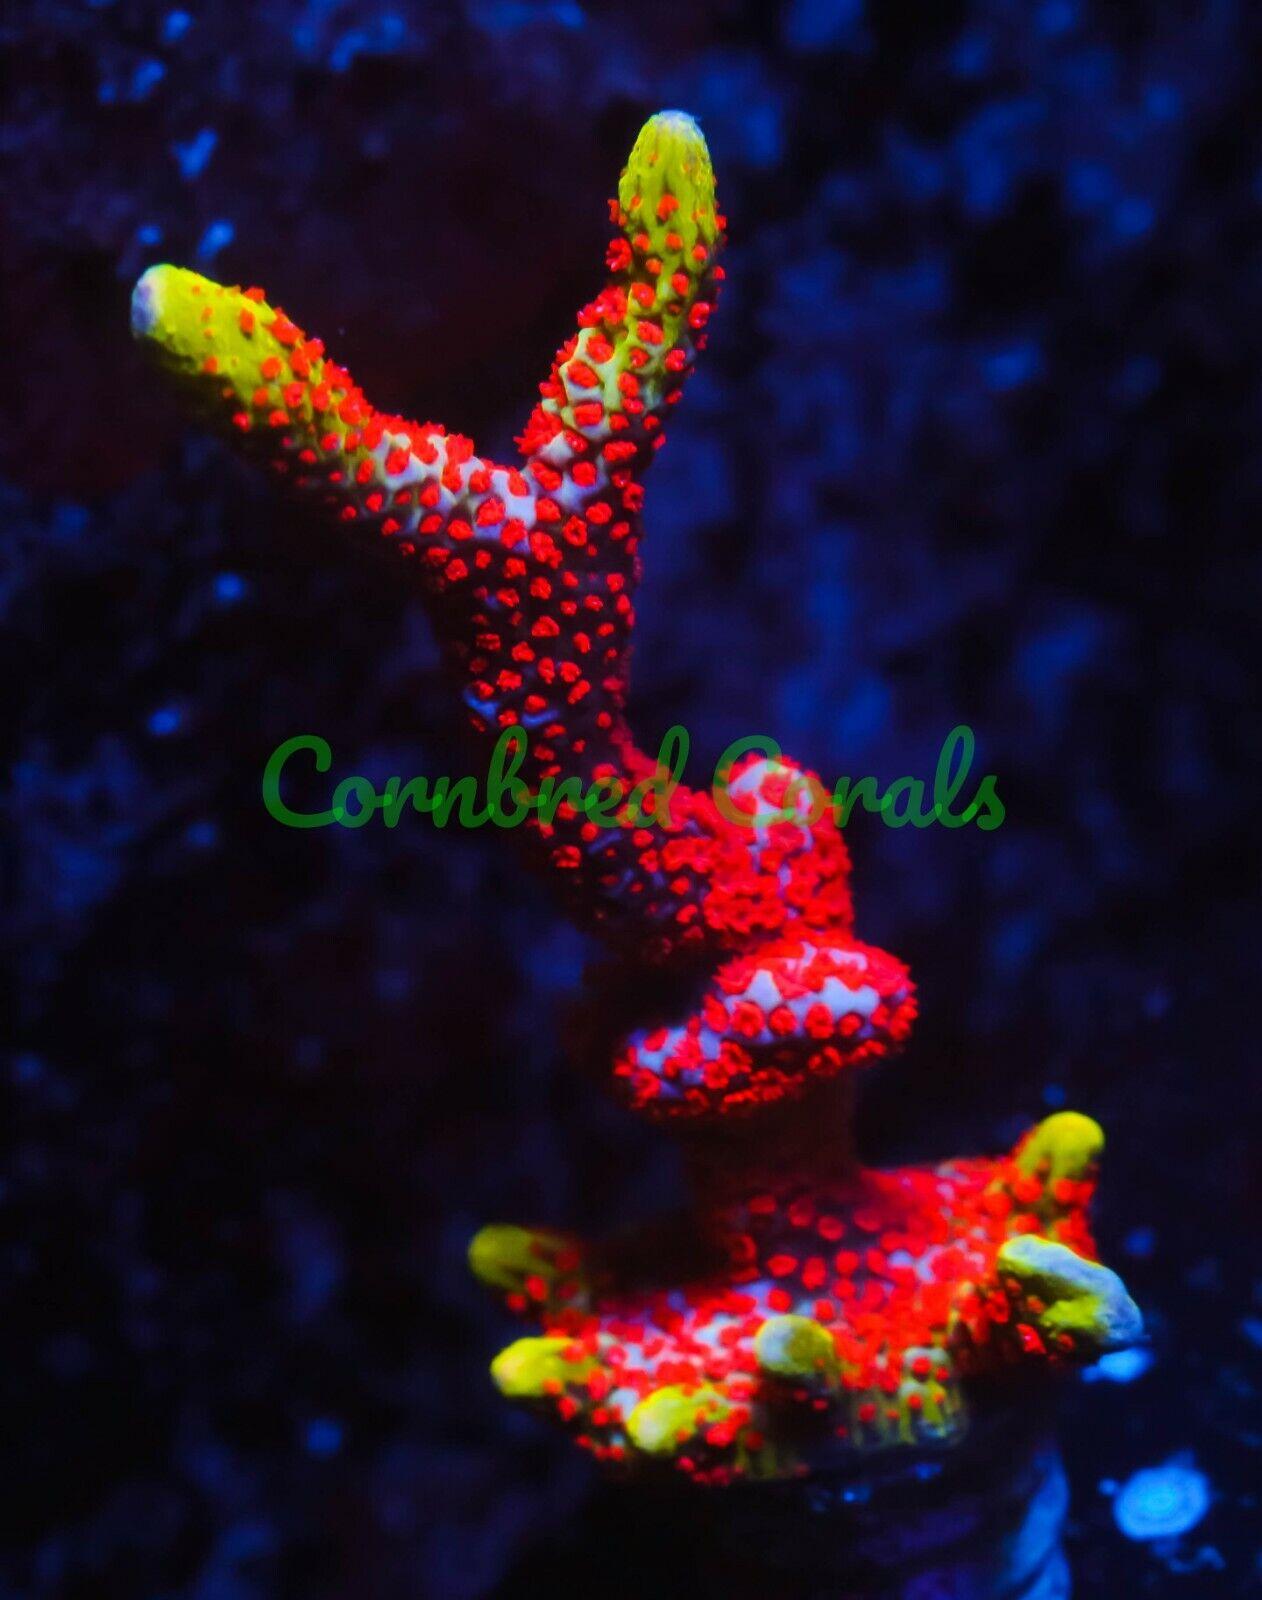 Cornbred s Bubble Gum Digi - Frag - LIVE CORAL - $74.99